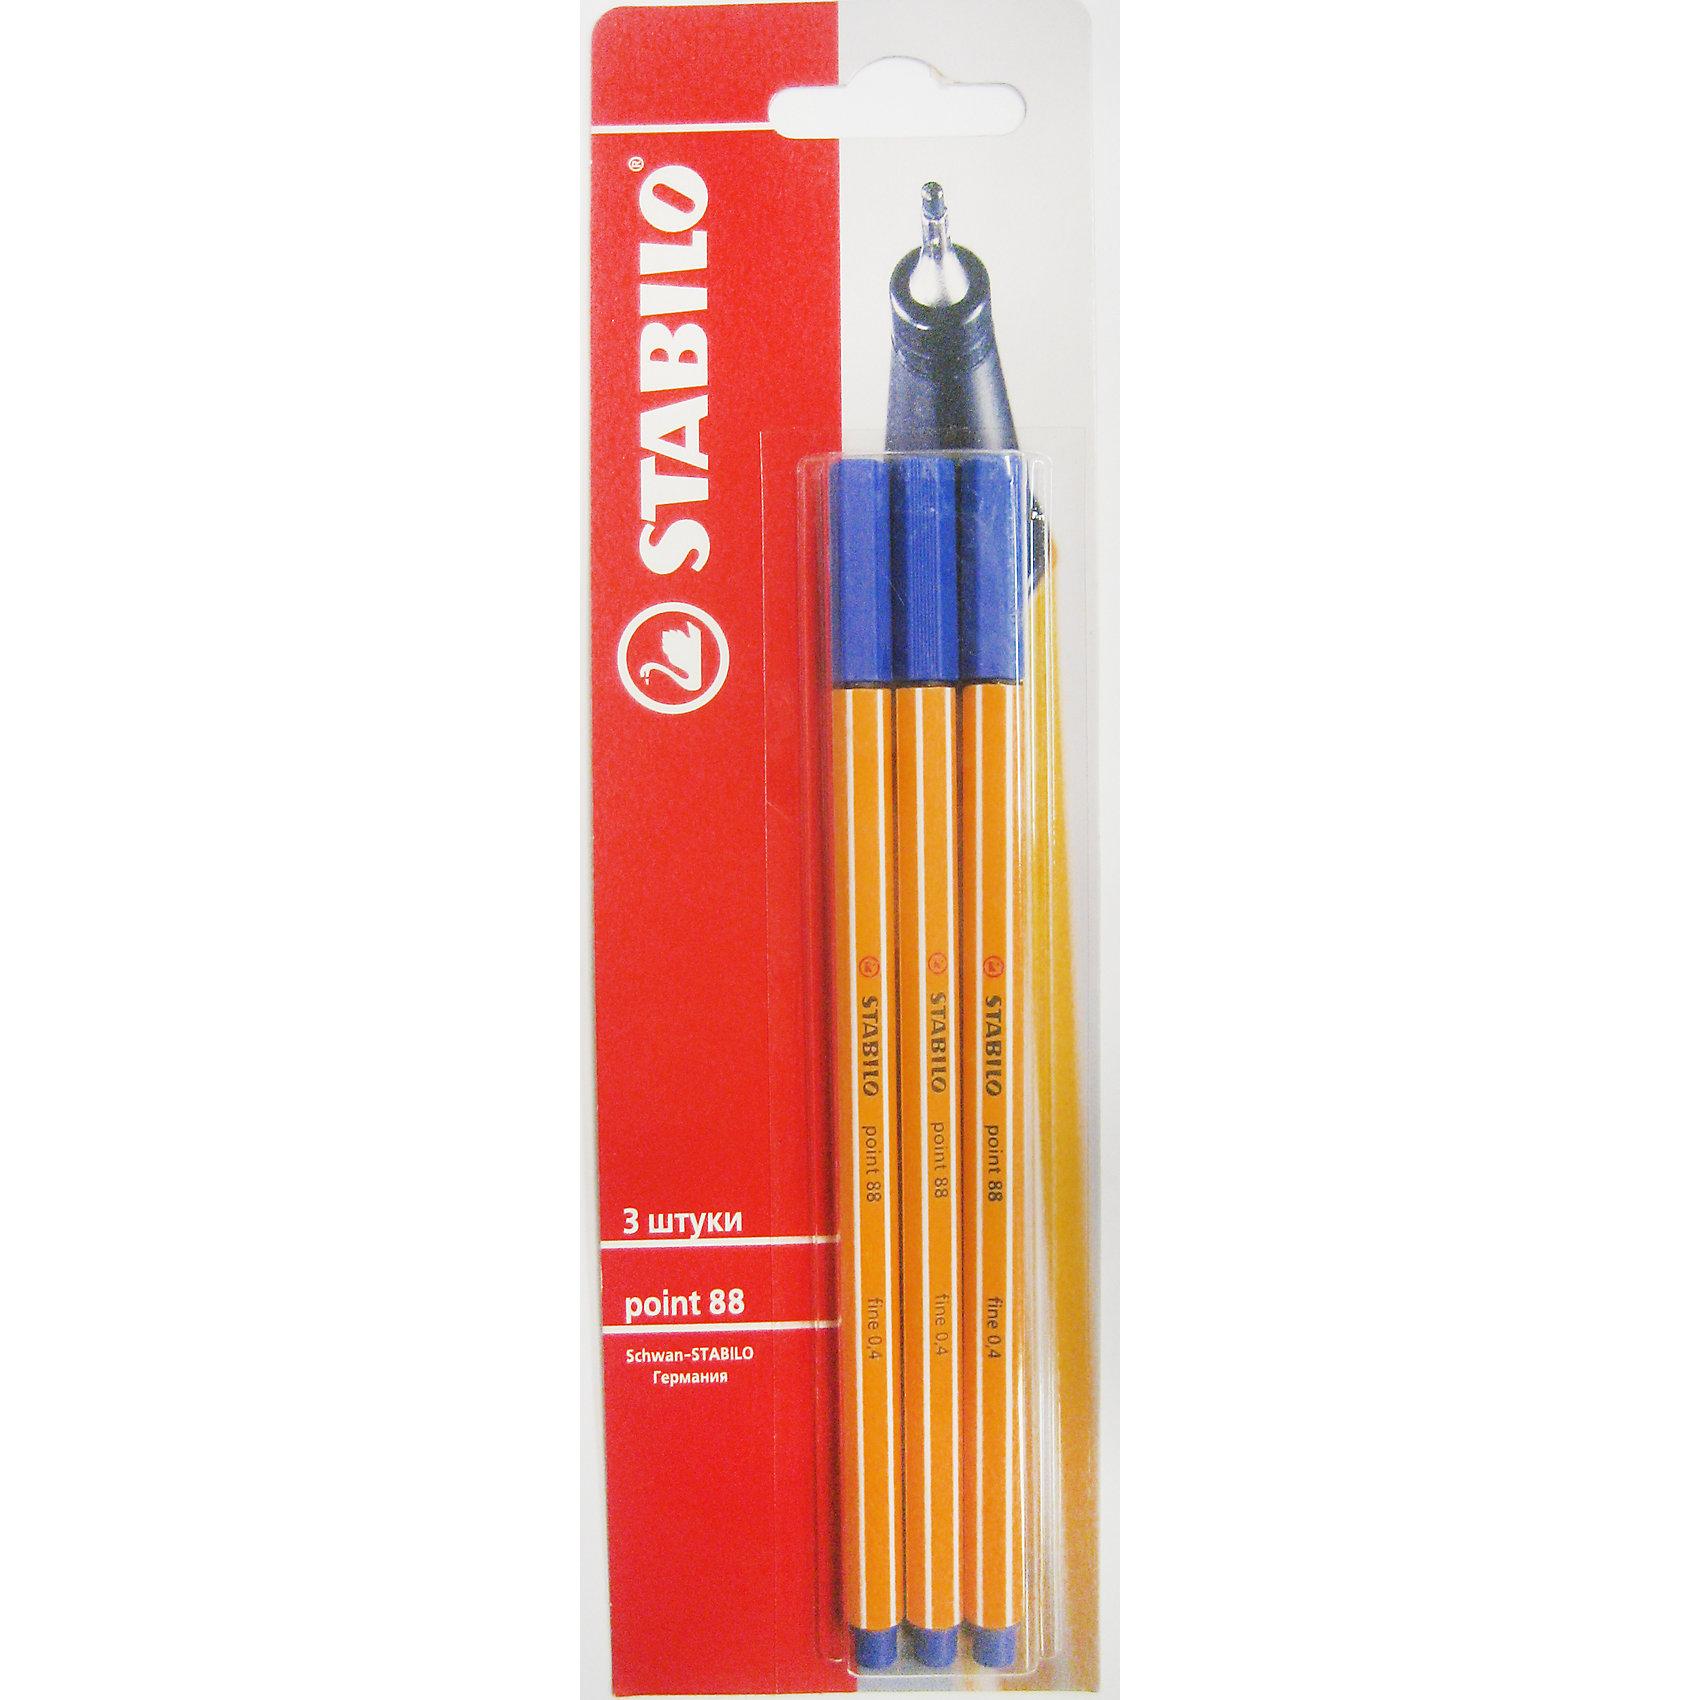 STABILO Tropicana Ручка синяя, 3шт.Письменные принадлежности<br>Синяя ручка, 3 шт. от марки Stabilo<br><br>Удобные капиллярные немецкие ручки от компании Stabilo в классическом корпусе. Пишущий инструмент отличного качества! Не требуется расписывание. <br>Отлично ложится в руке, пишет мягко. Дает тонкую линию. Чернила очень быстро сохнут и легко отстирываются с одежды. В наборе - 3 одинаковых ручки с синими чернилами. Упаковка - блистер.<br><br>Особенности данной модели:<br><br>цвет чернил: синий;<br>цвет корпуса: оранжевый.<br><br>Синяя ручка, 3 шт. от марки Stabilo можно купить в нашем магазине.<br><br>Ширина мм: 295<br>Глубина мм: 245<br>Высота мм: 160<br>Вес г: 30<br>Возраст от месяцев: 72<br>Возраст до месяцев: 216<br>Пол: Унисекс<br>Возраст: Детский<br>SKU: 3157363